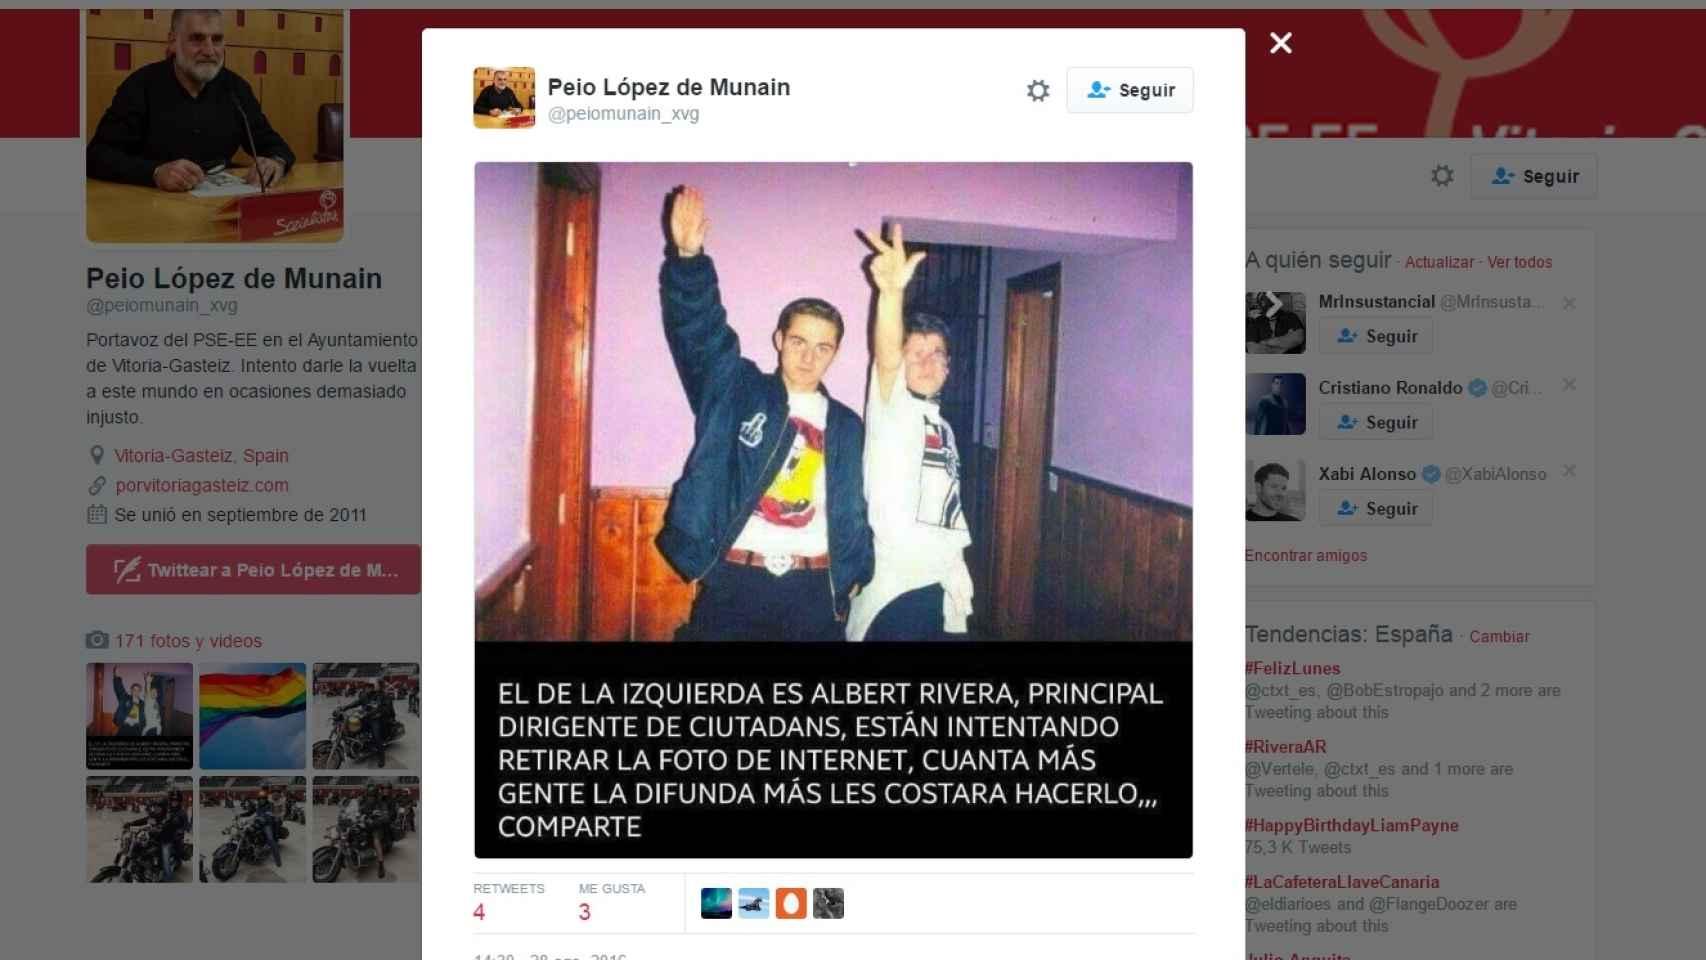 La imagen del bulo que ha compartido Peio López de Munain.